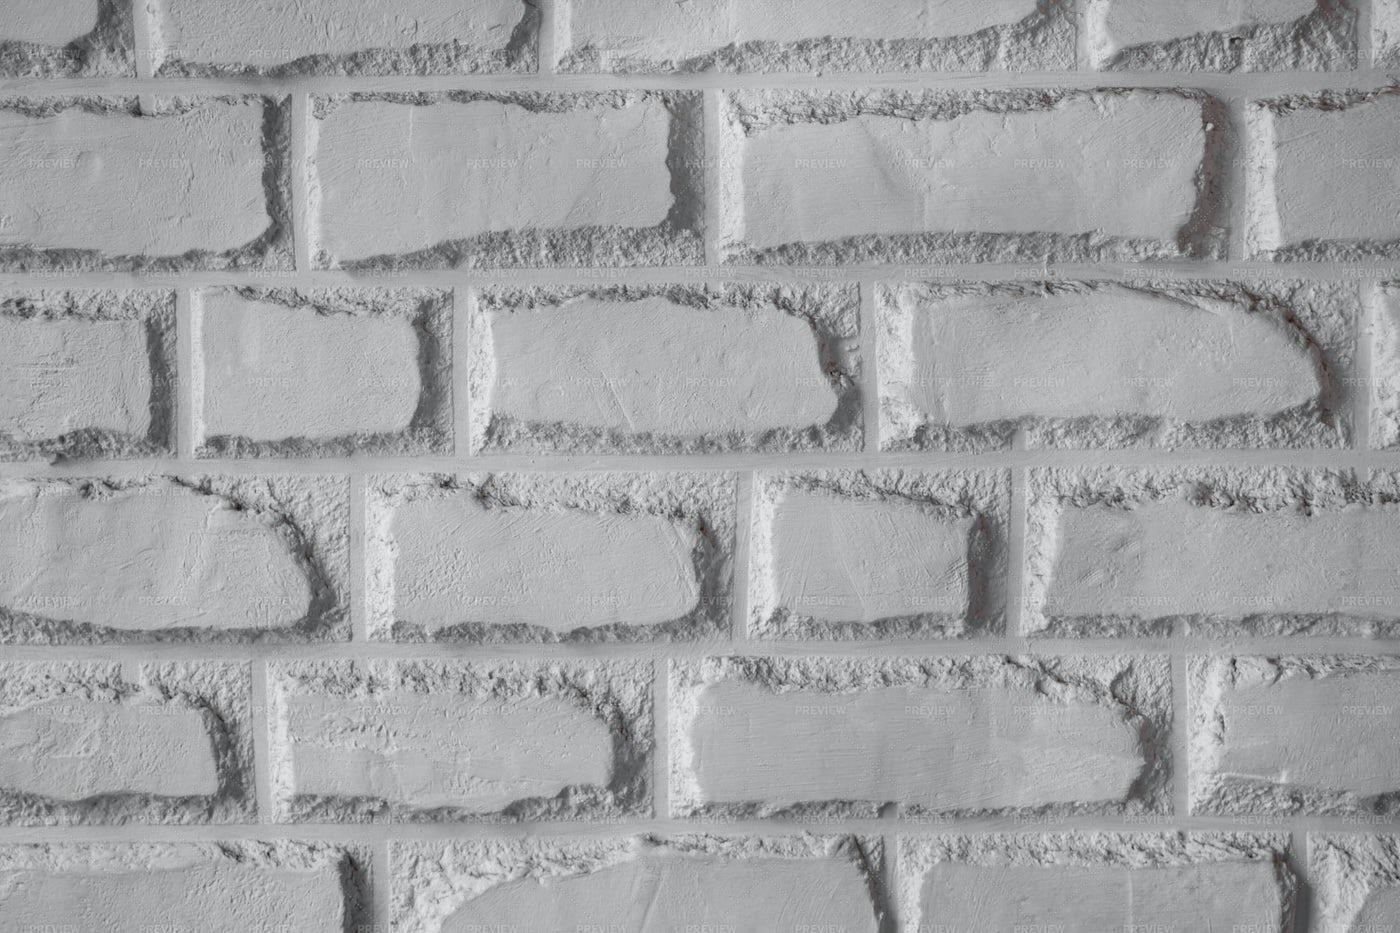 White Brick Wall Background: Stock Photos